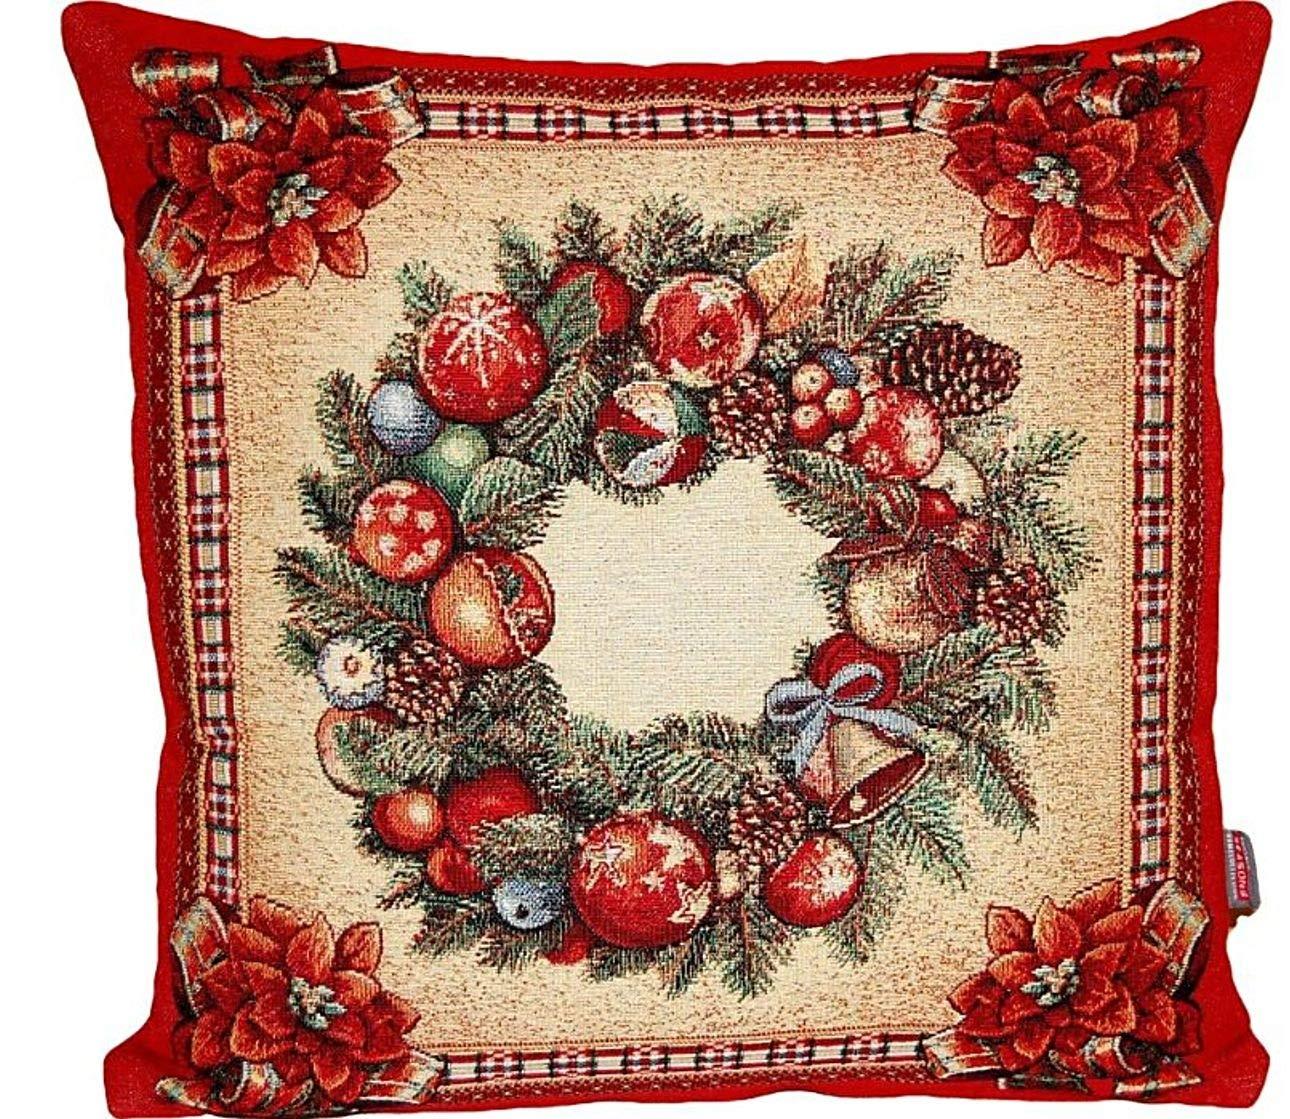 Edle Tischdecke Eckig GOBELIN Weihnachten Nostalgie Rot Landhaus Decke Weihnachtsdecke Weihnachtsdecke Weihnachtsdecke (Mitteldecke 100x100 cm) B01MQL2YF0 Zierkissenbezüge fd82cf